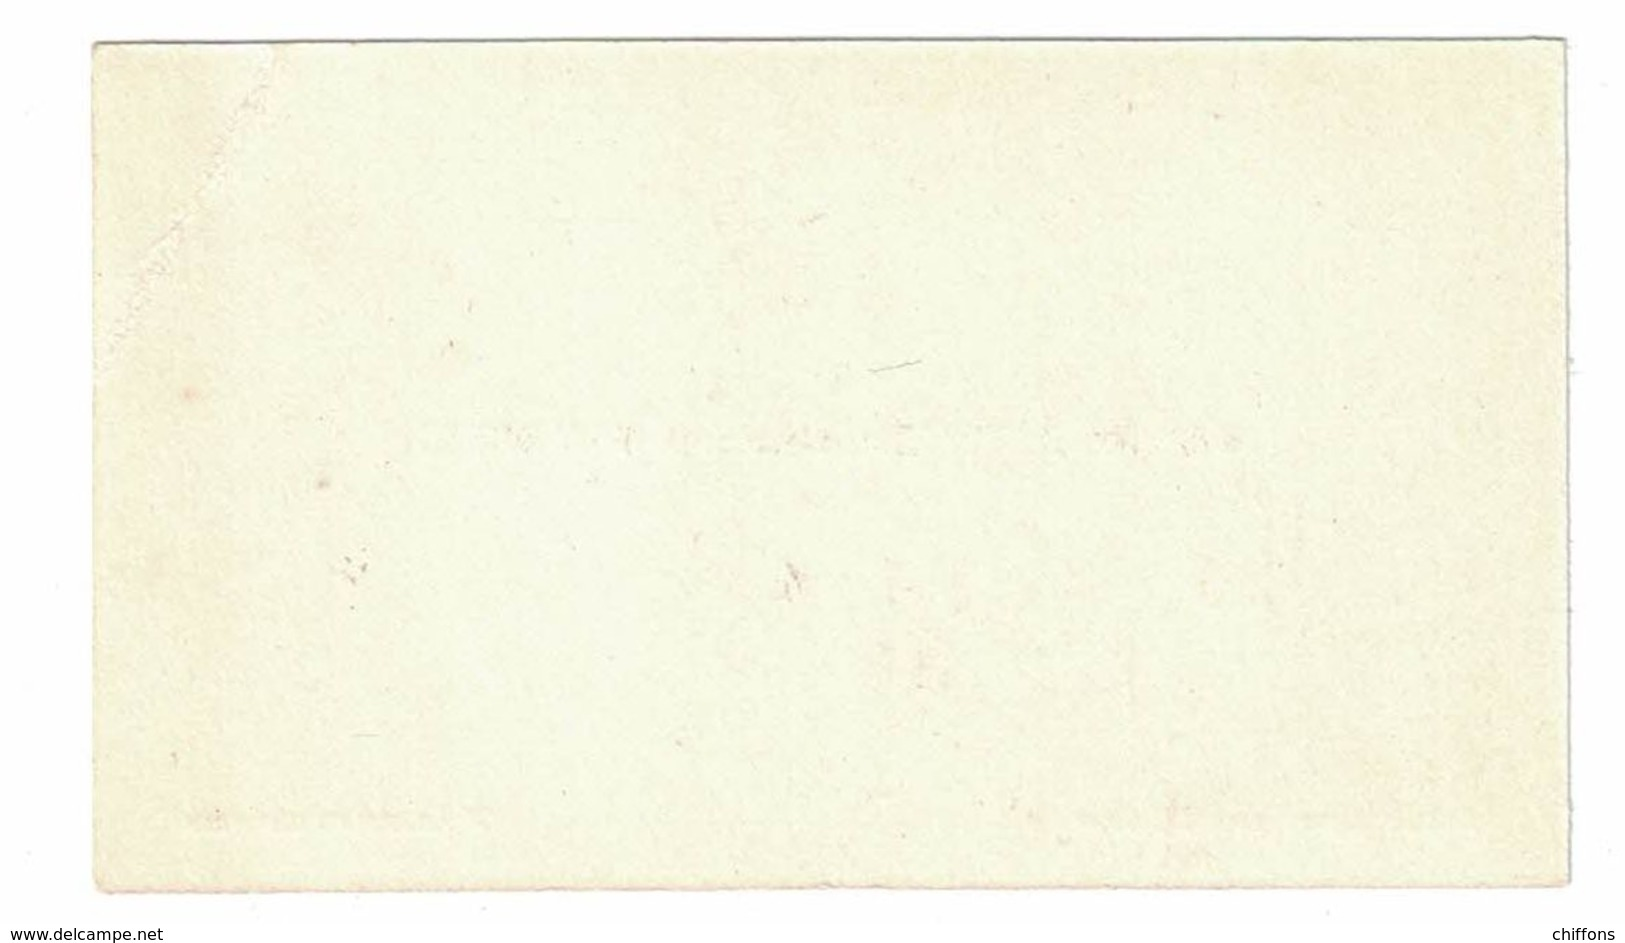 Mr & Mme EDOUARD BONTE 53 RUE DE MONS VALENCIENNES - Cartes De Visite